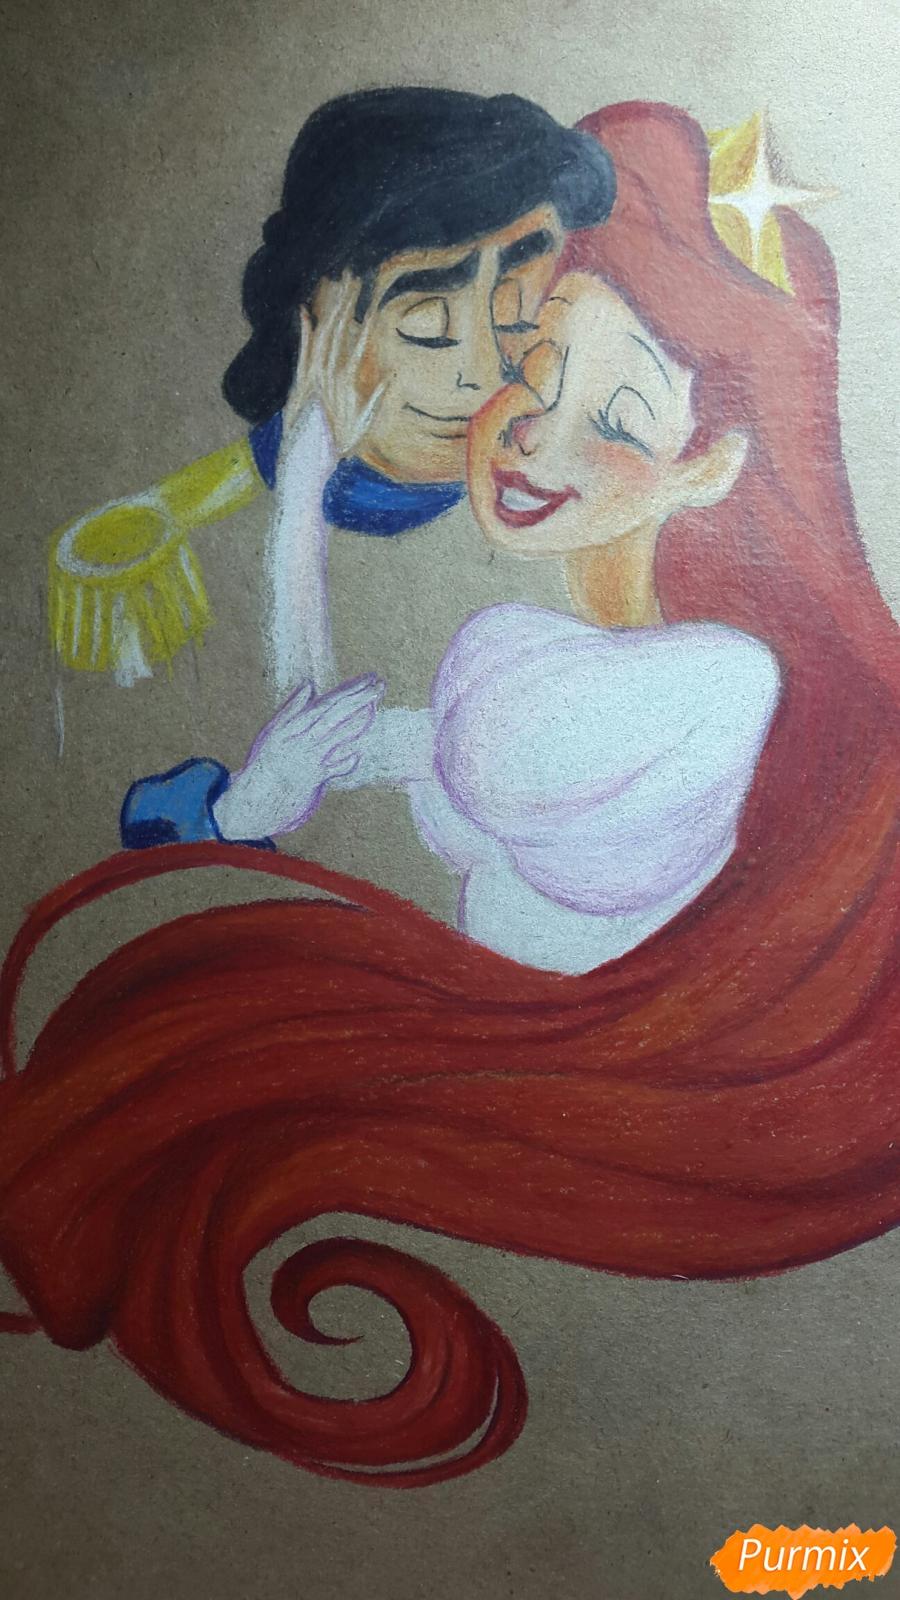 Рисуем Принца Эрика и Ариэль цветными карандашами на крафт-бумаге - шаг 8